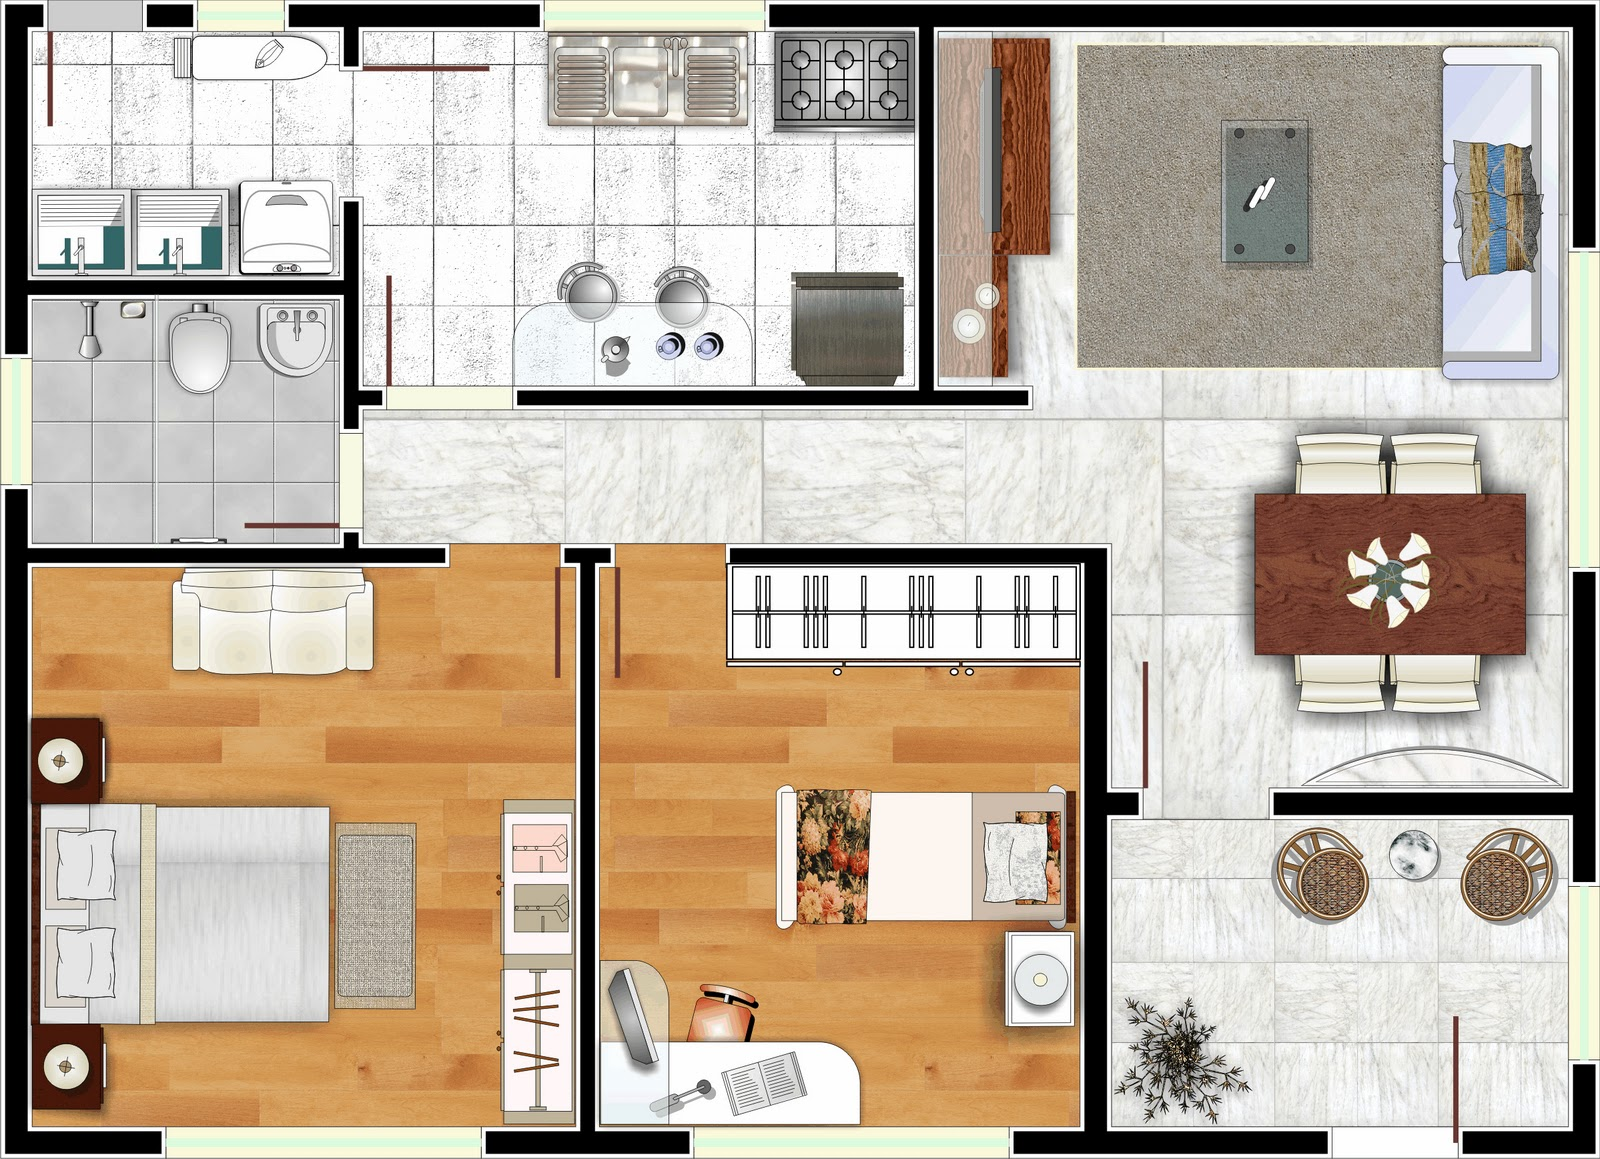 5 modelos de planta baixa de casas pequenas